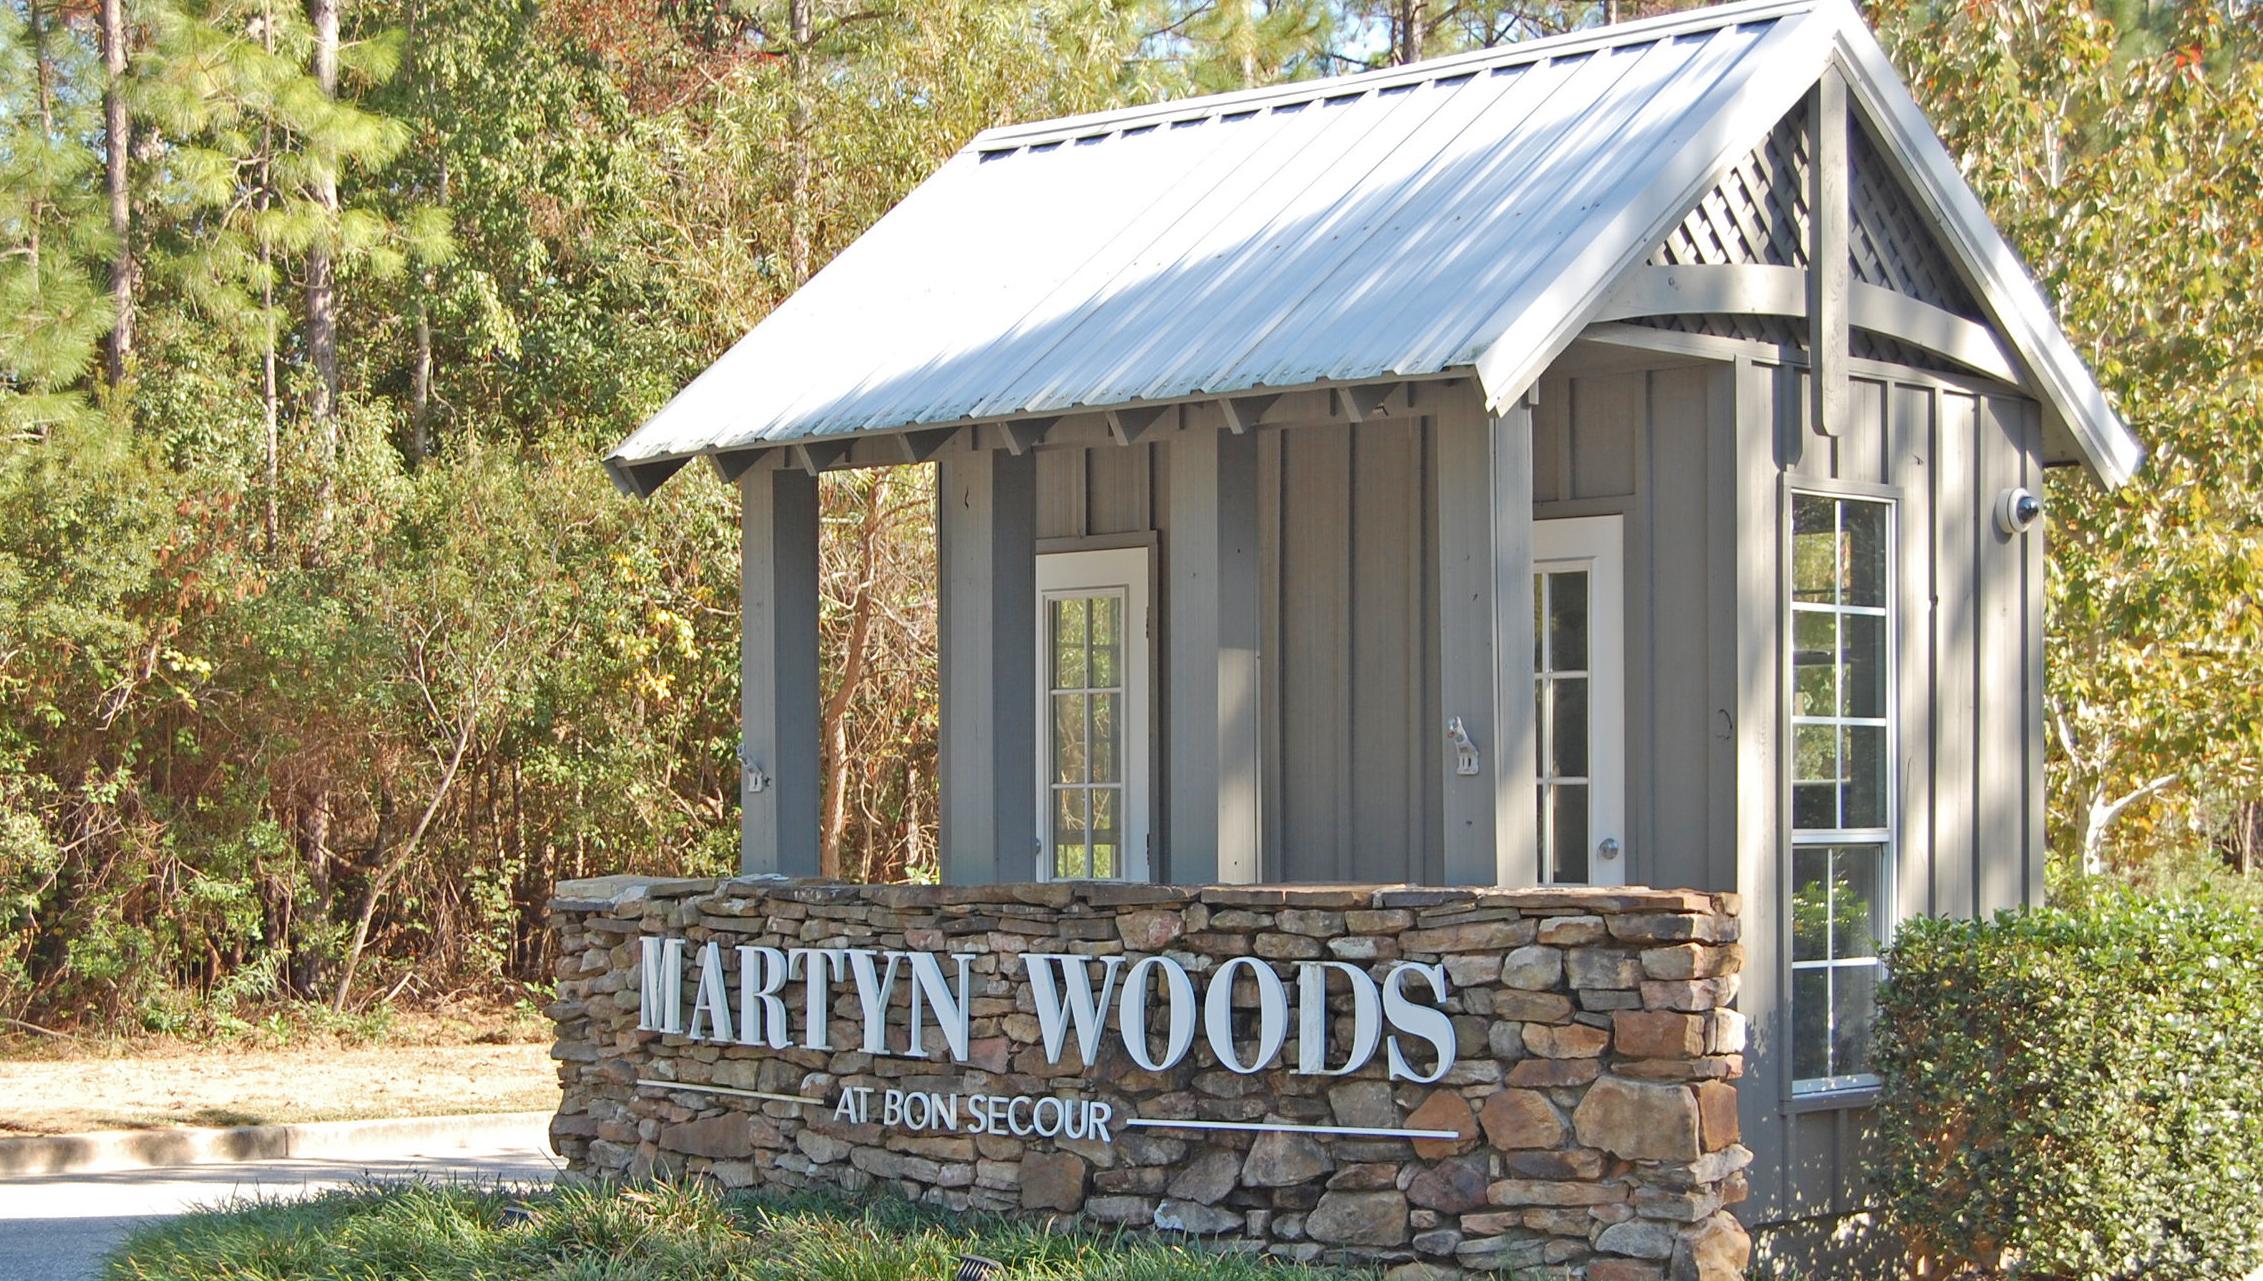 Martyn Woods